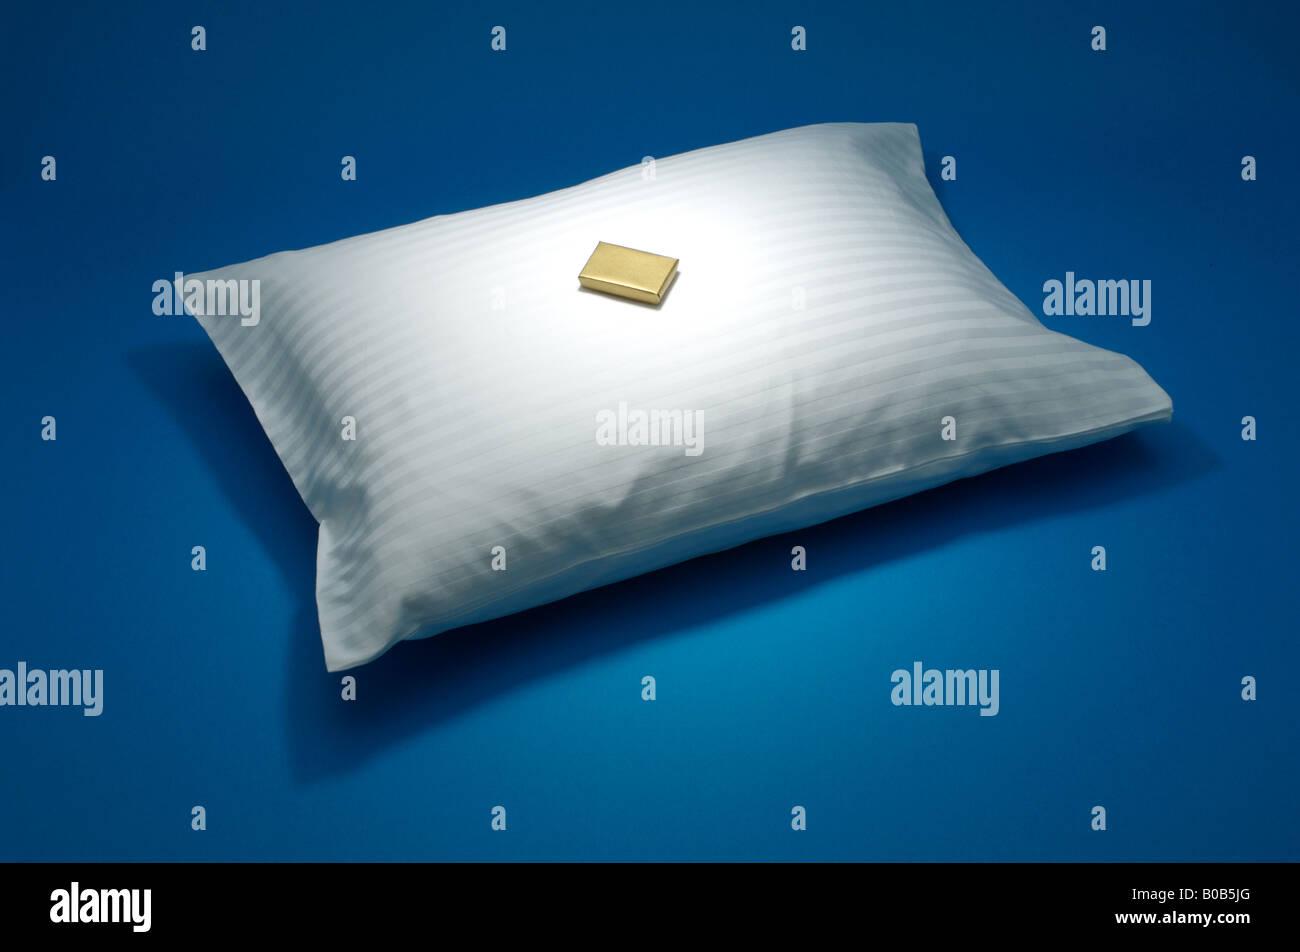 Un cuscino in bianco con una piccola scatola dorata, sfondo blu Immagini Stock